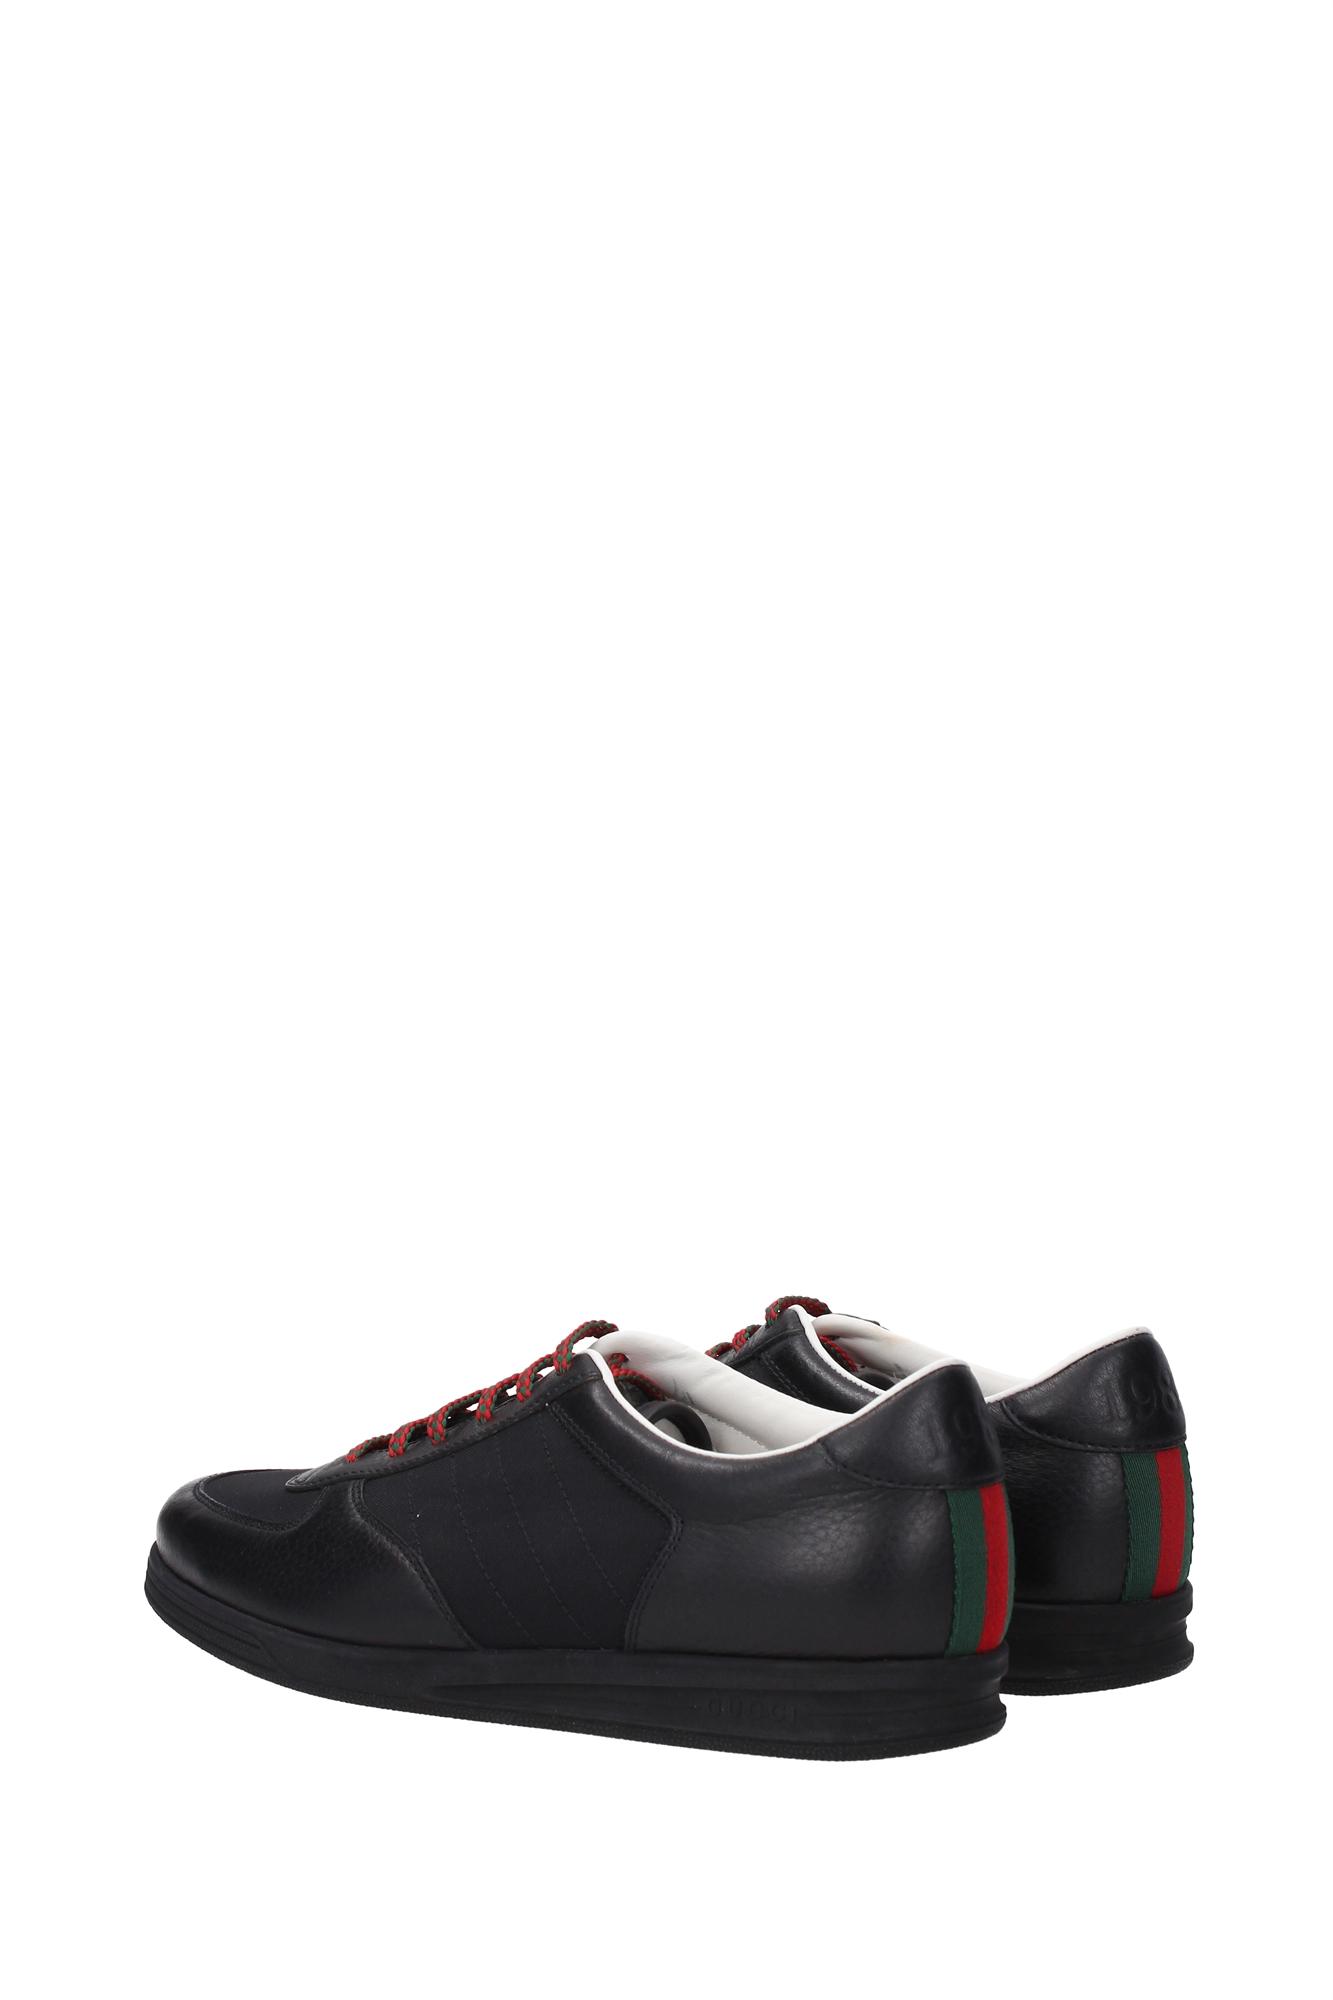 sneakers gucci damen leder schwarz 354303bhl701069 ebay. Black Bedroom Furniture Sets. Home Design Ideas